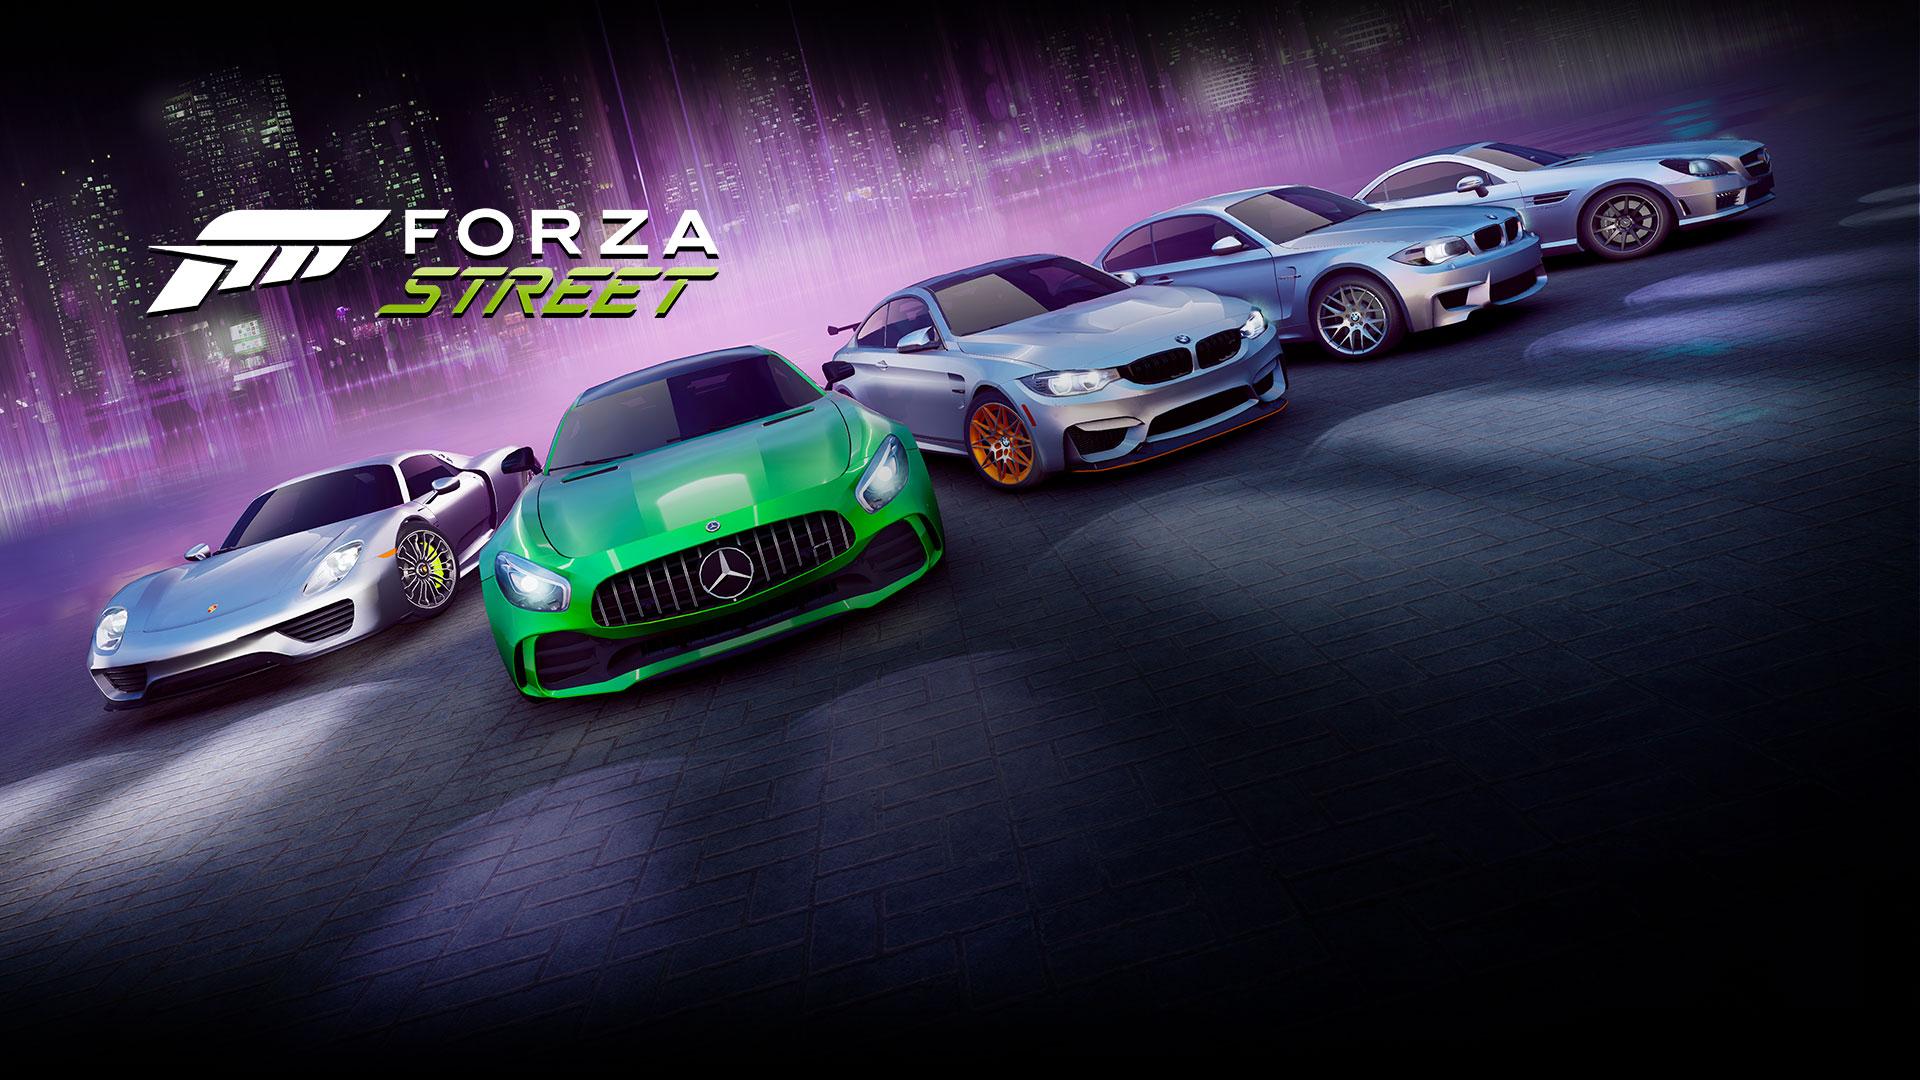 Forza Street, række af legendariske biler i baggrunden